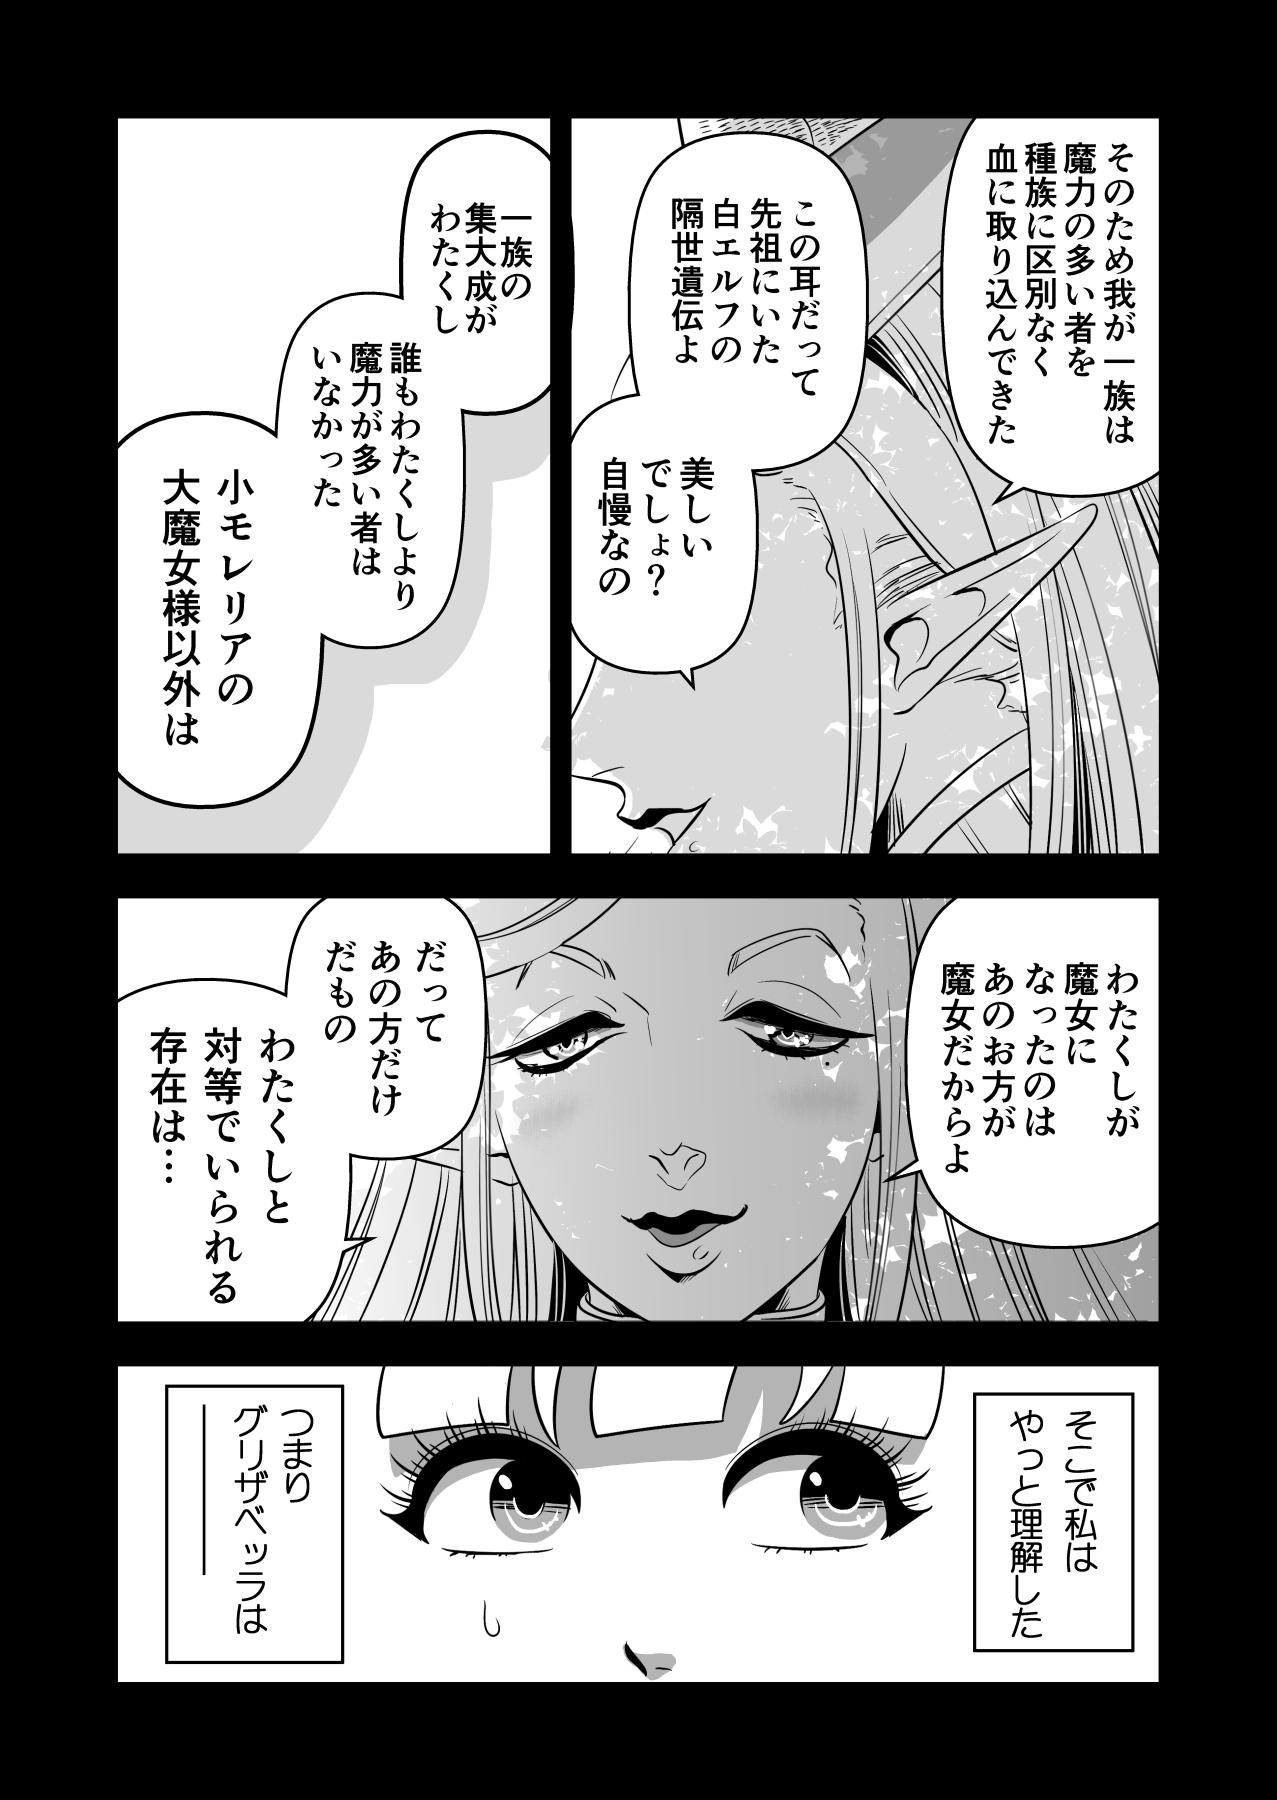 ヤサグレ魔女とグリザベッラと魔女の使い魔0080